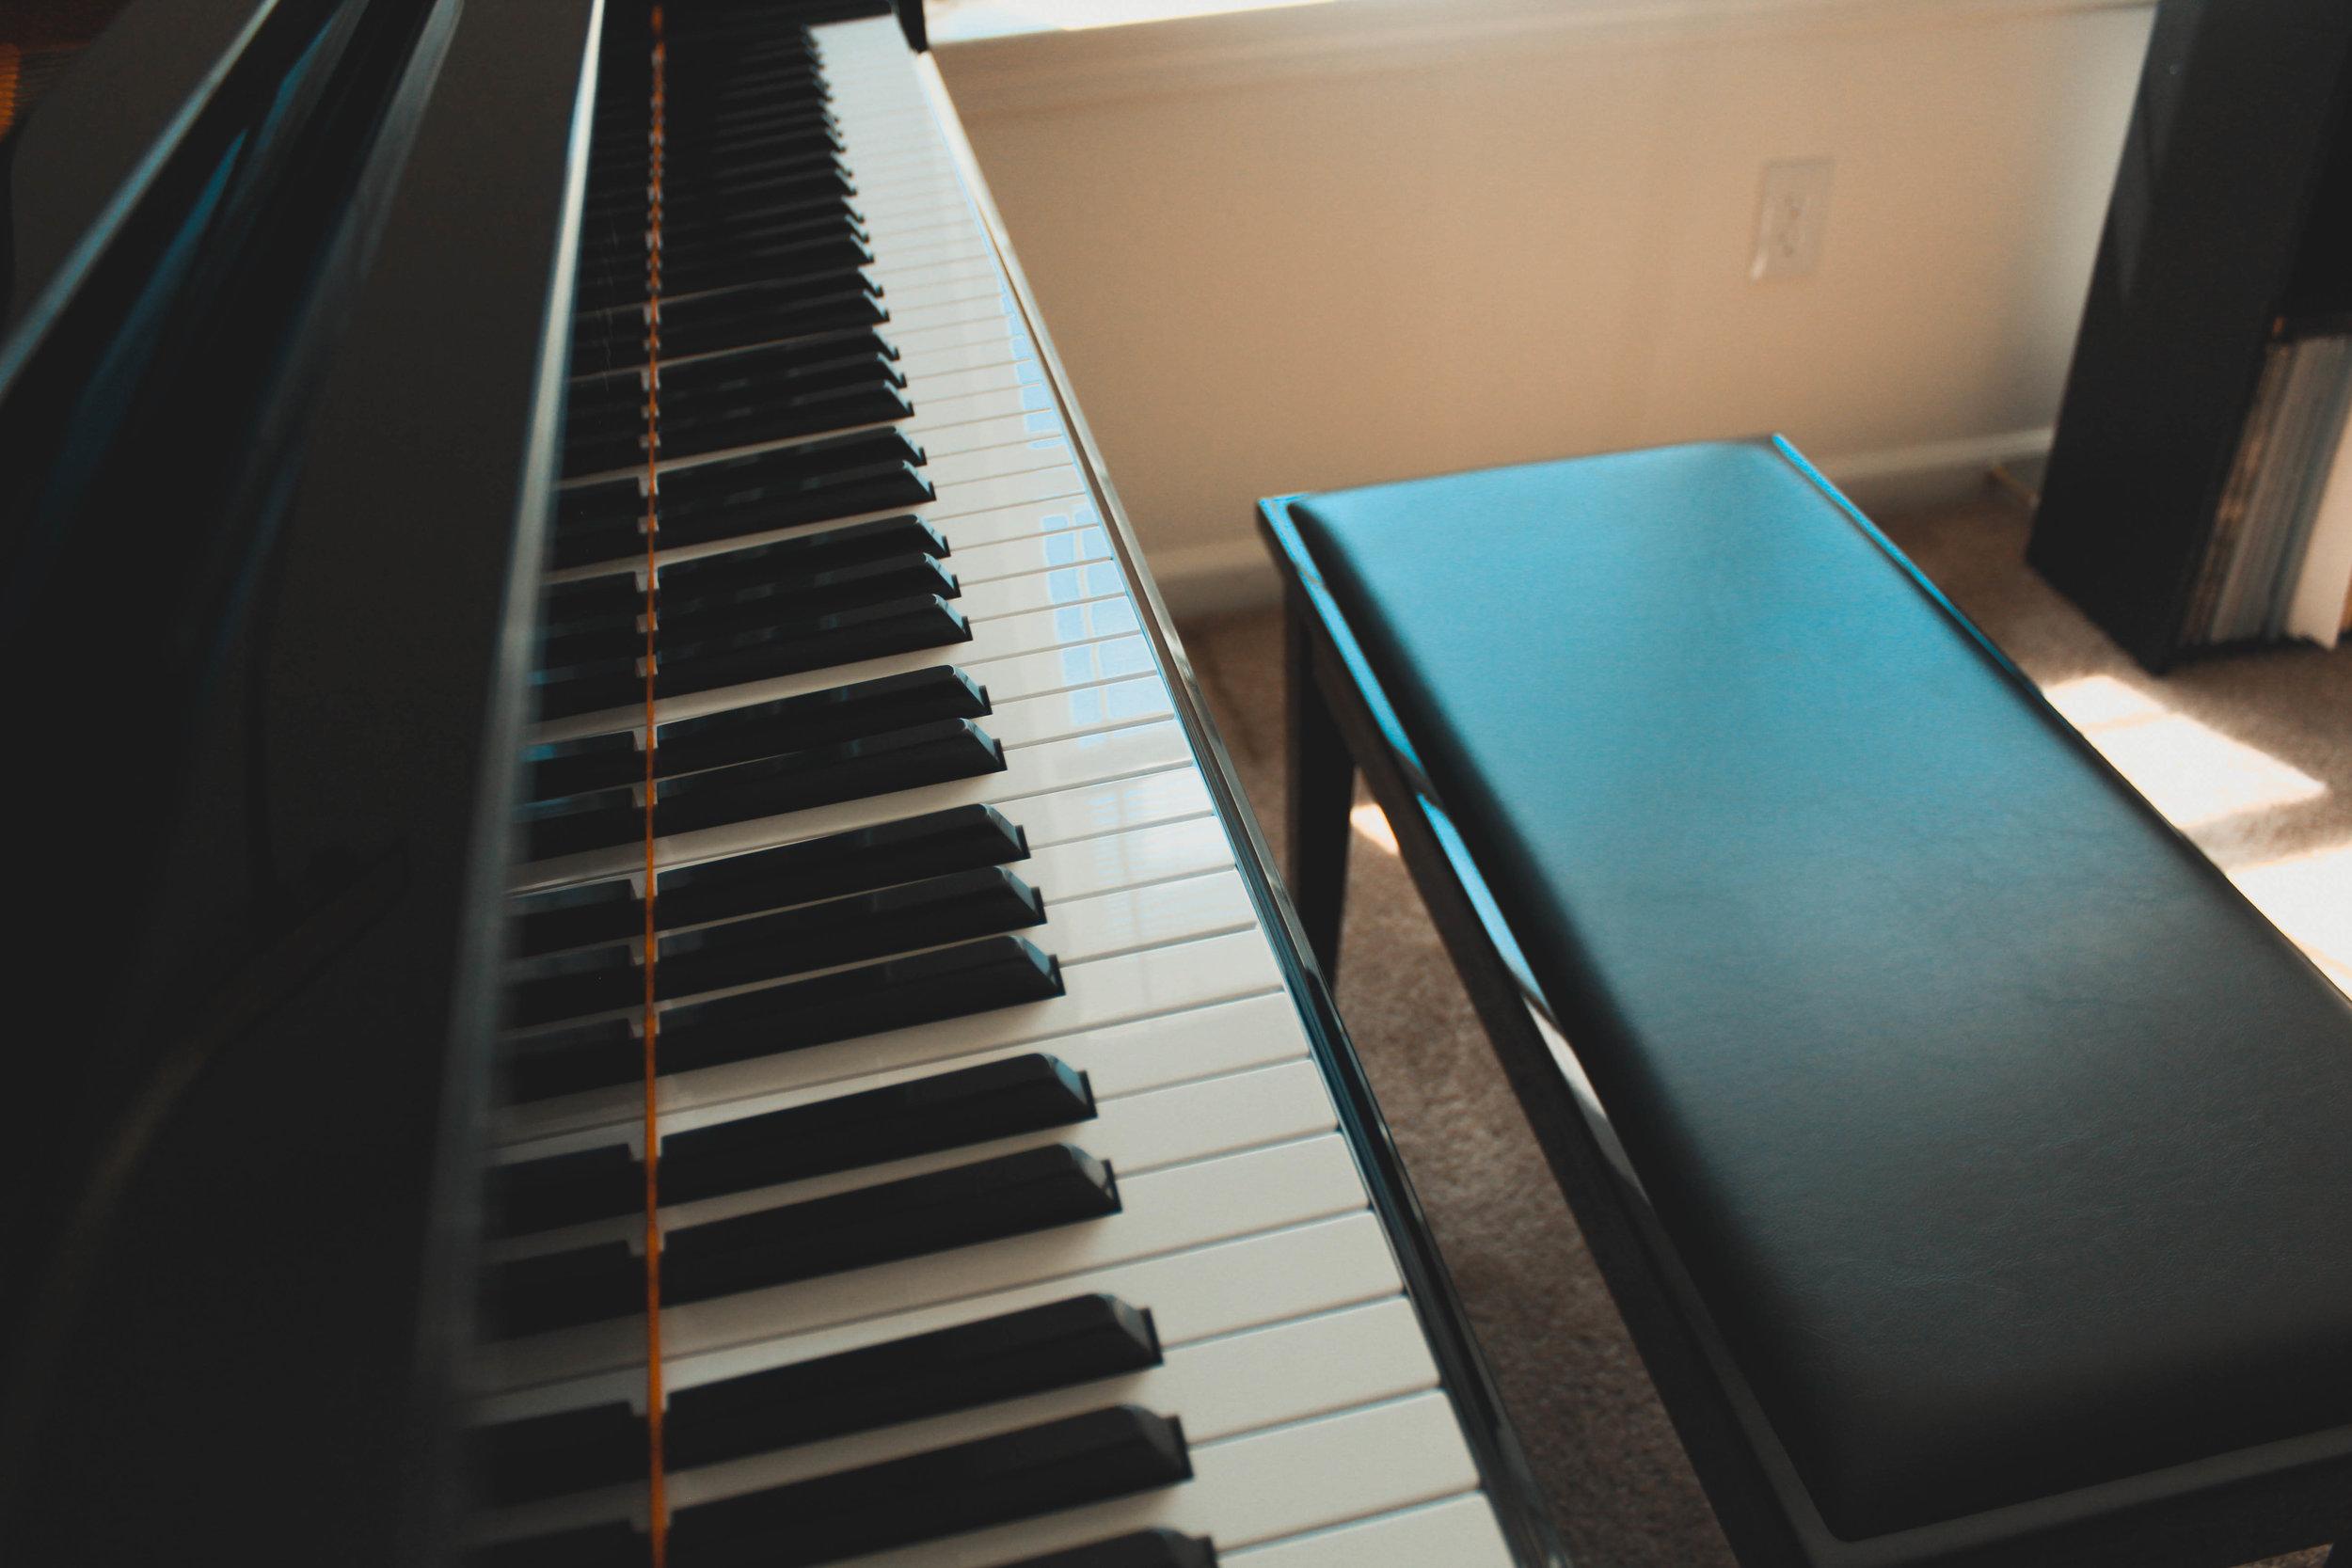 Piano move - starting at $175.